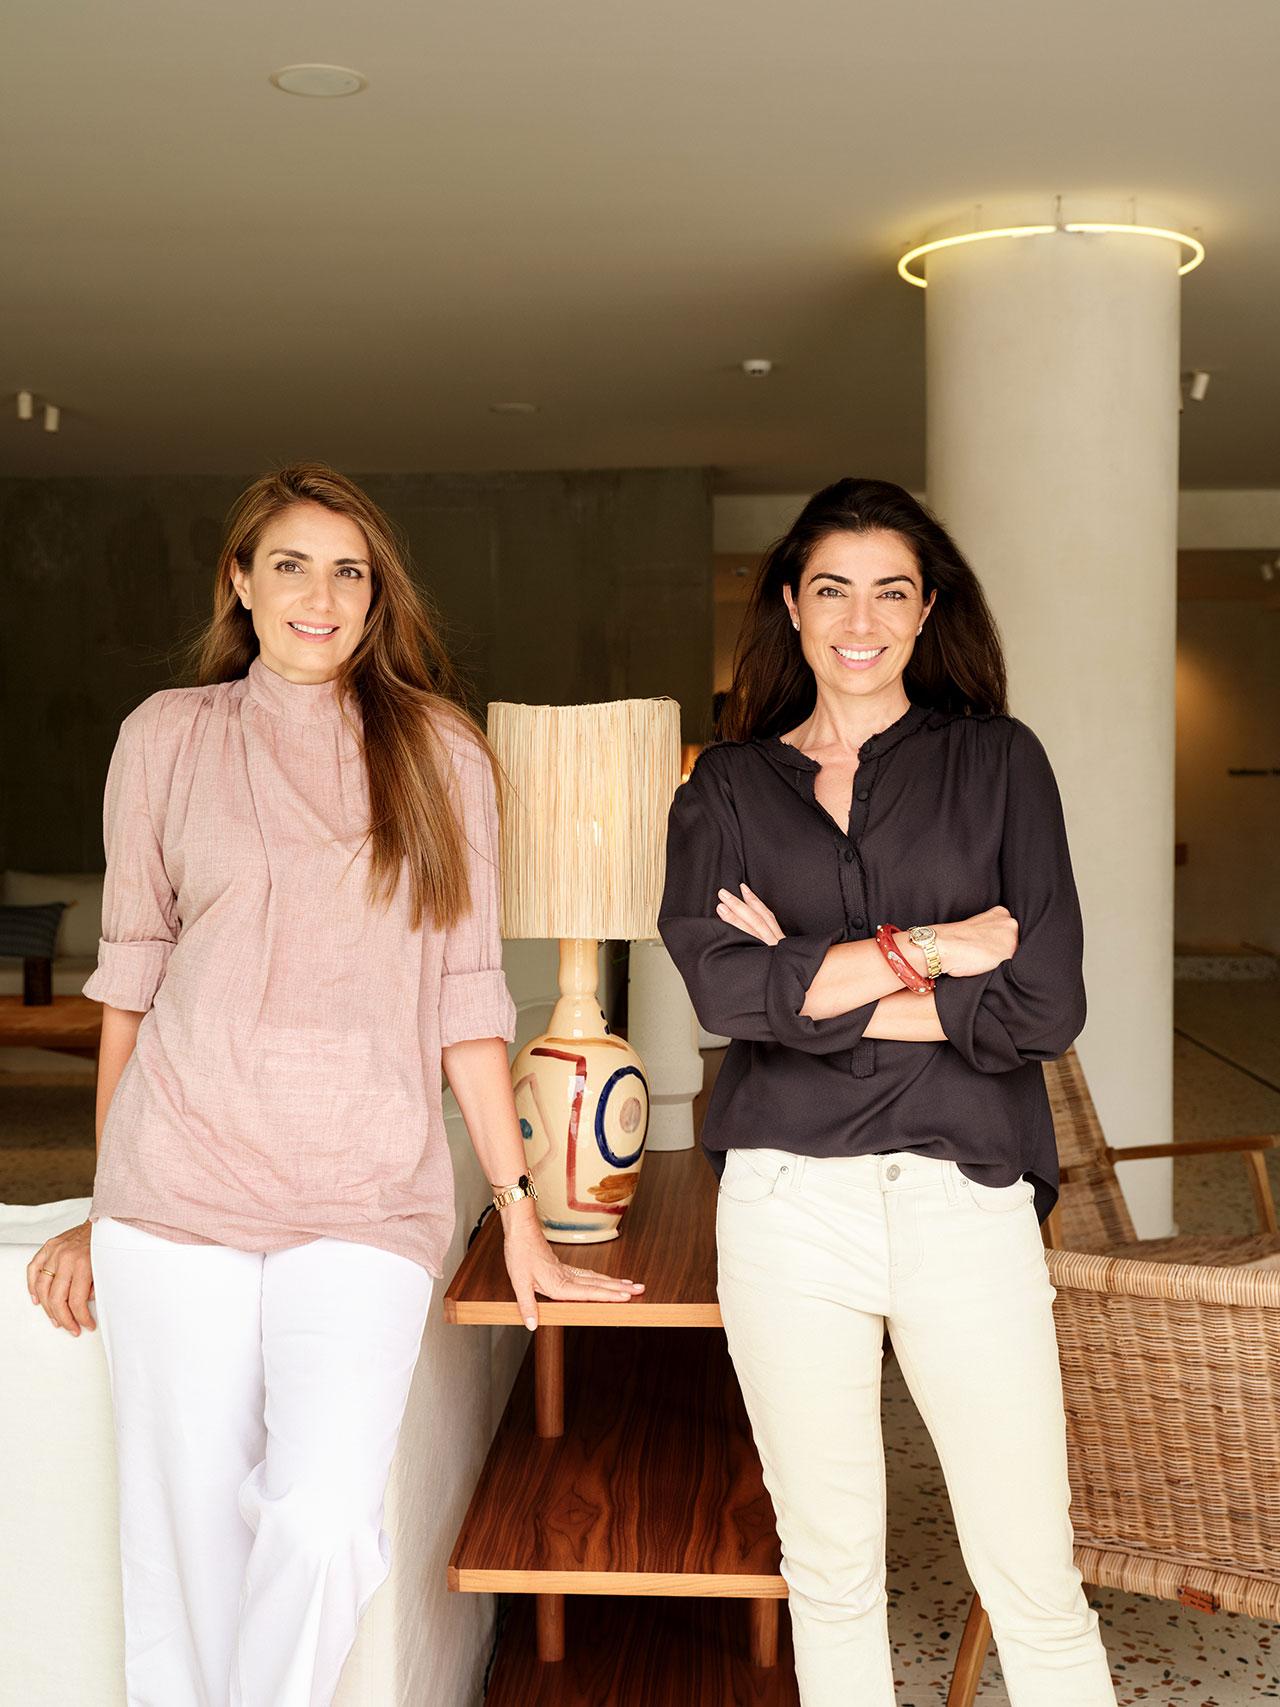 Agapi and Costantza SbokoubyYiorgos Kaplanidis, © PHĀEA Resorts.